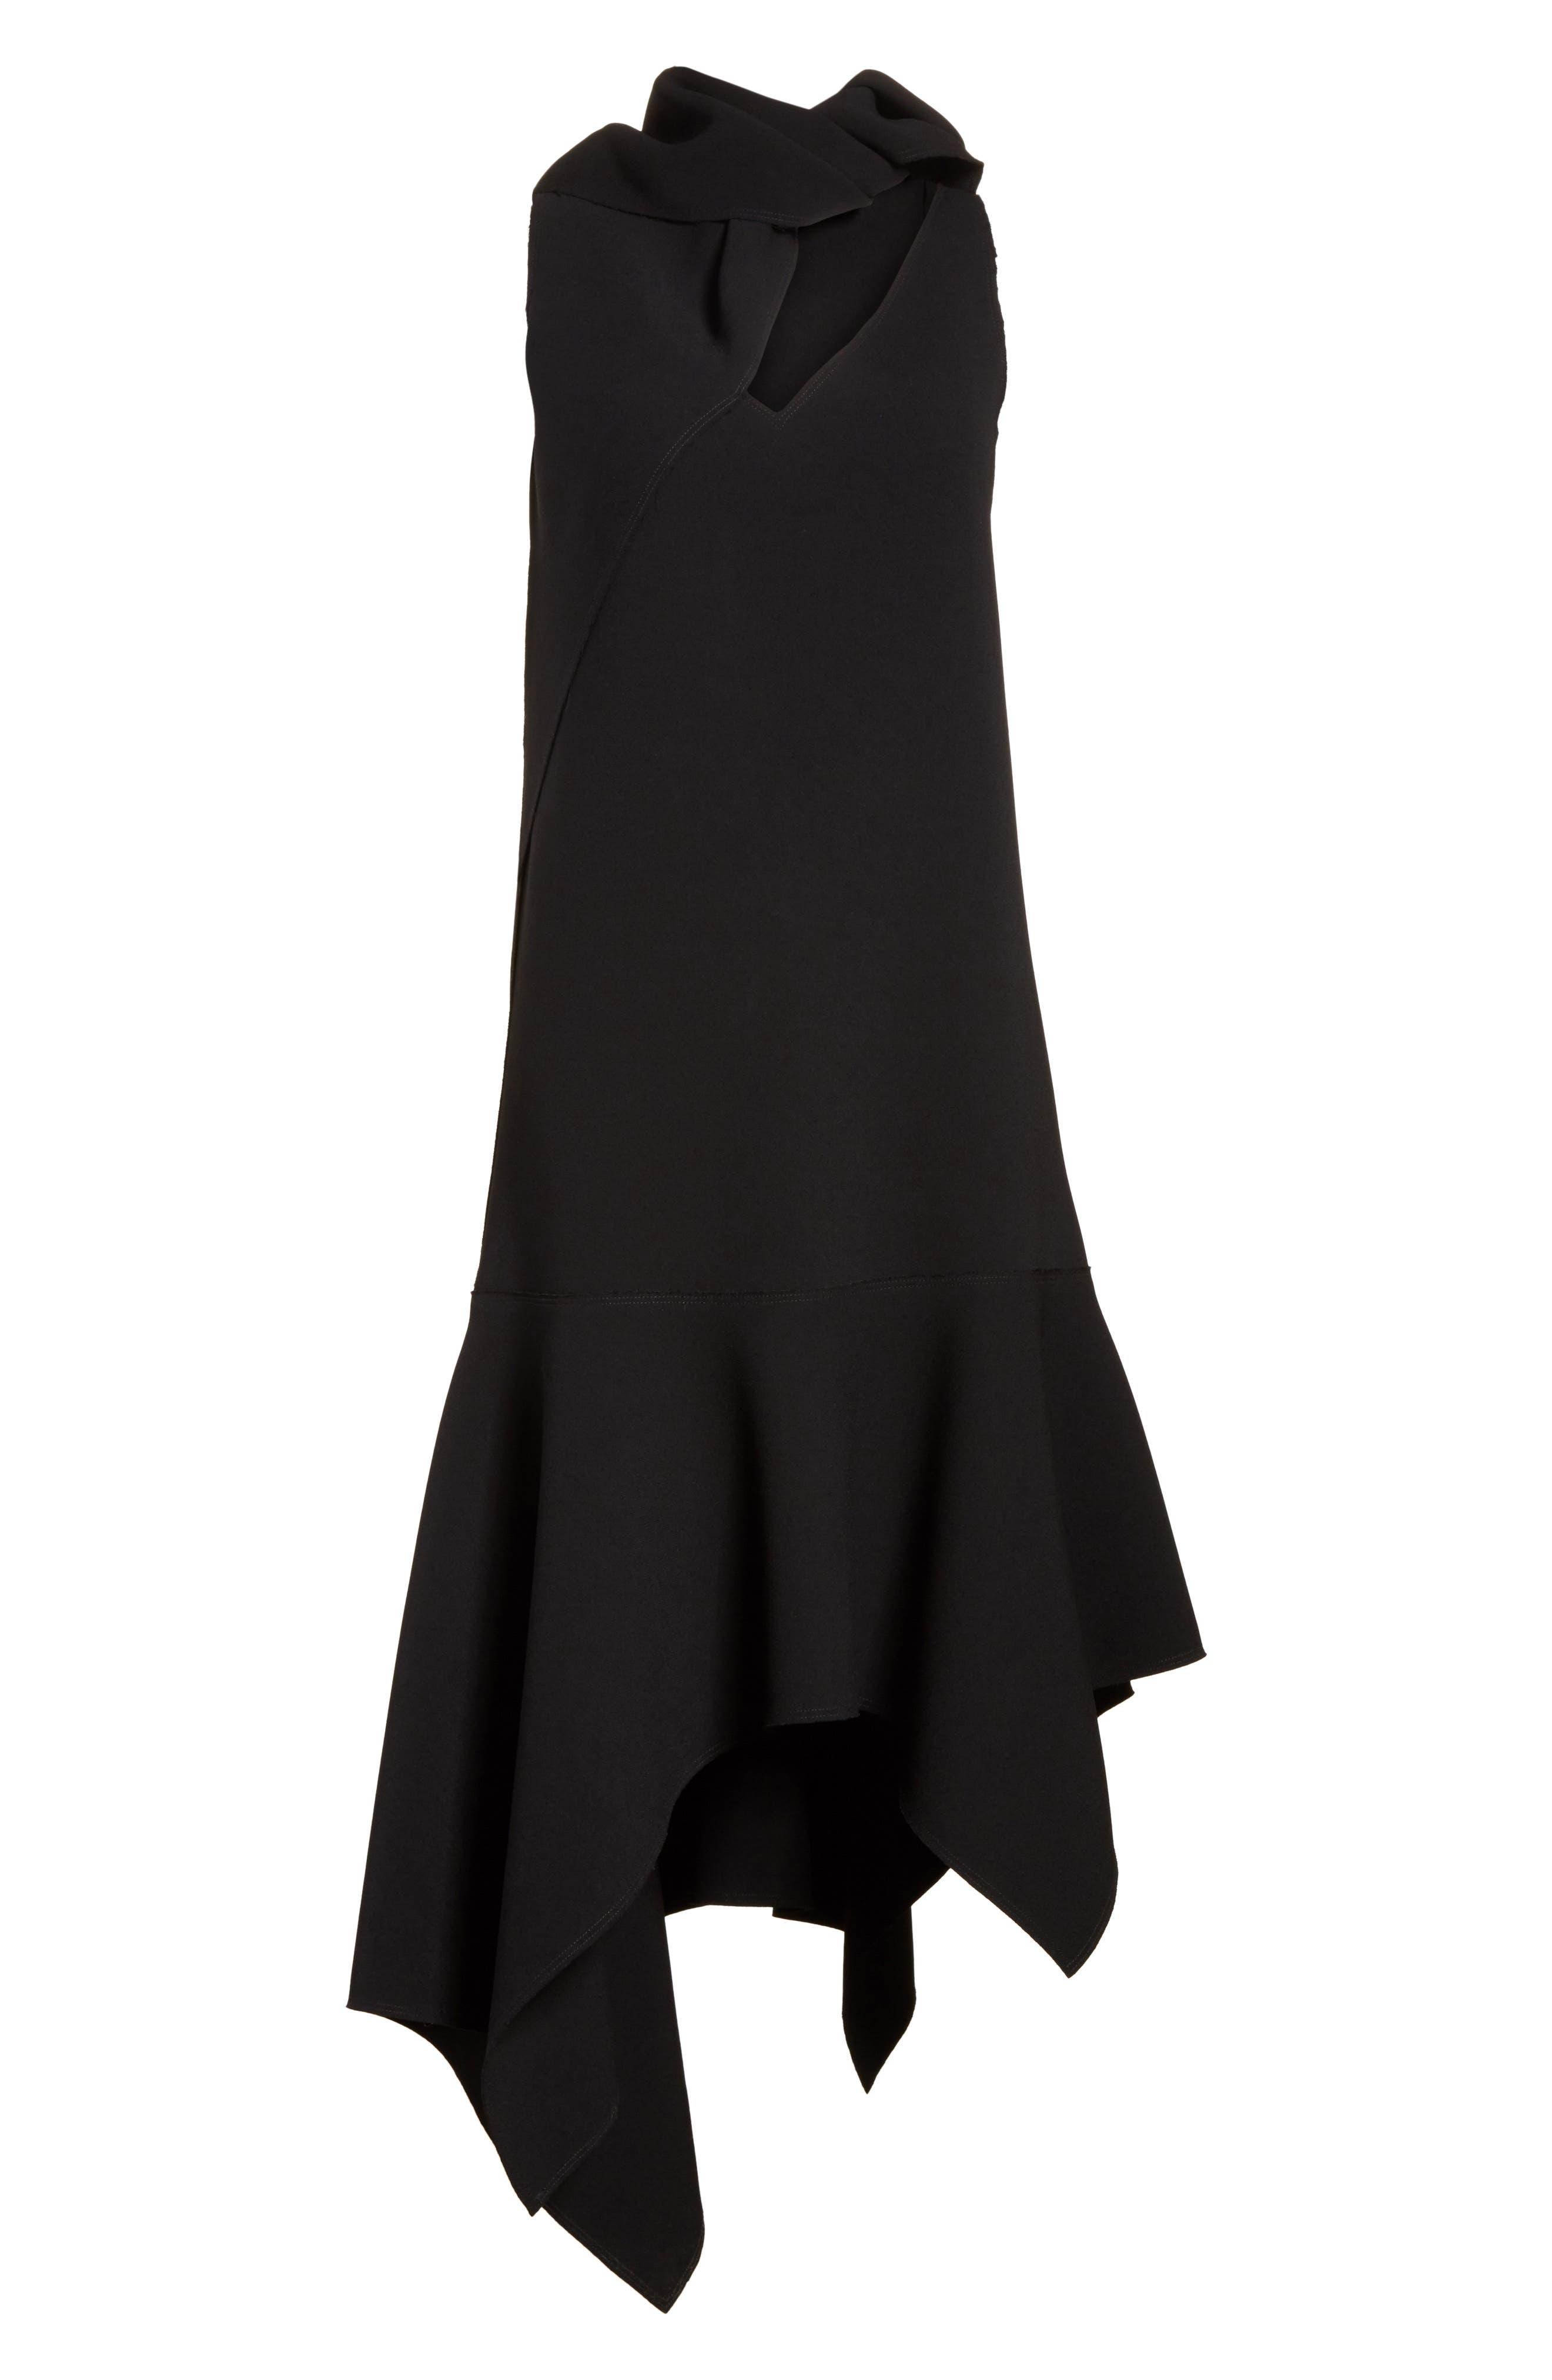 Knotted Neckline Drop Waist Dress,                             Alternate thumbnail 7, color,                             Black